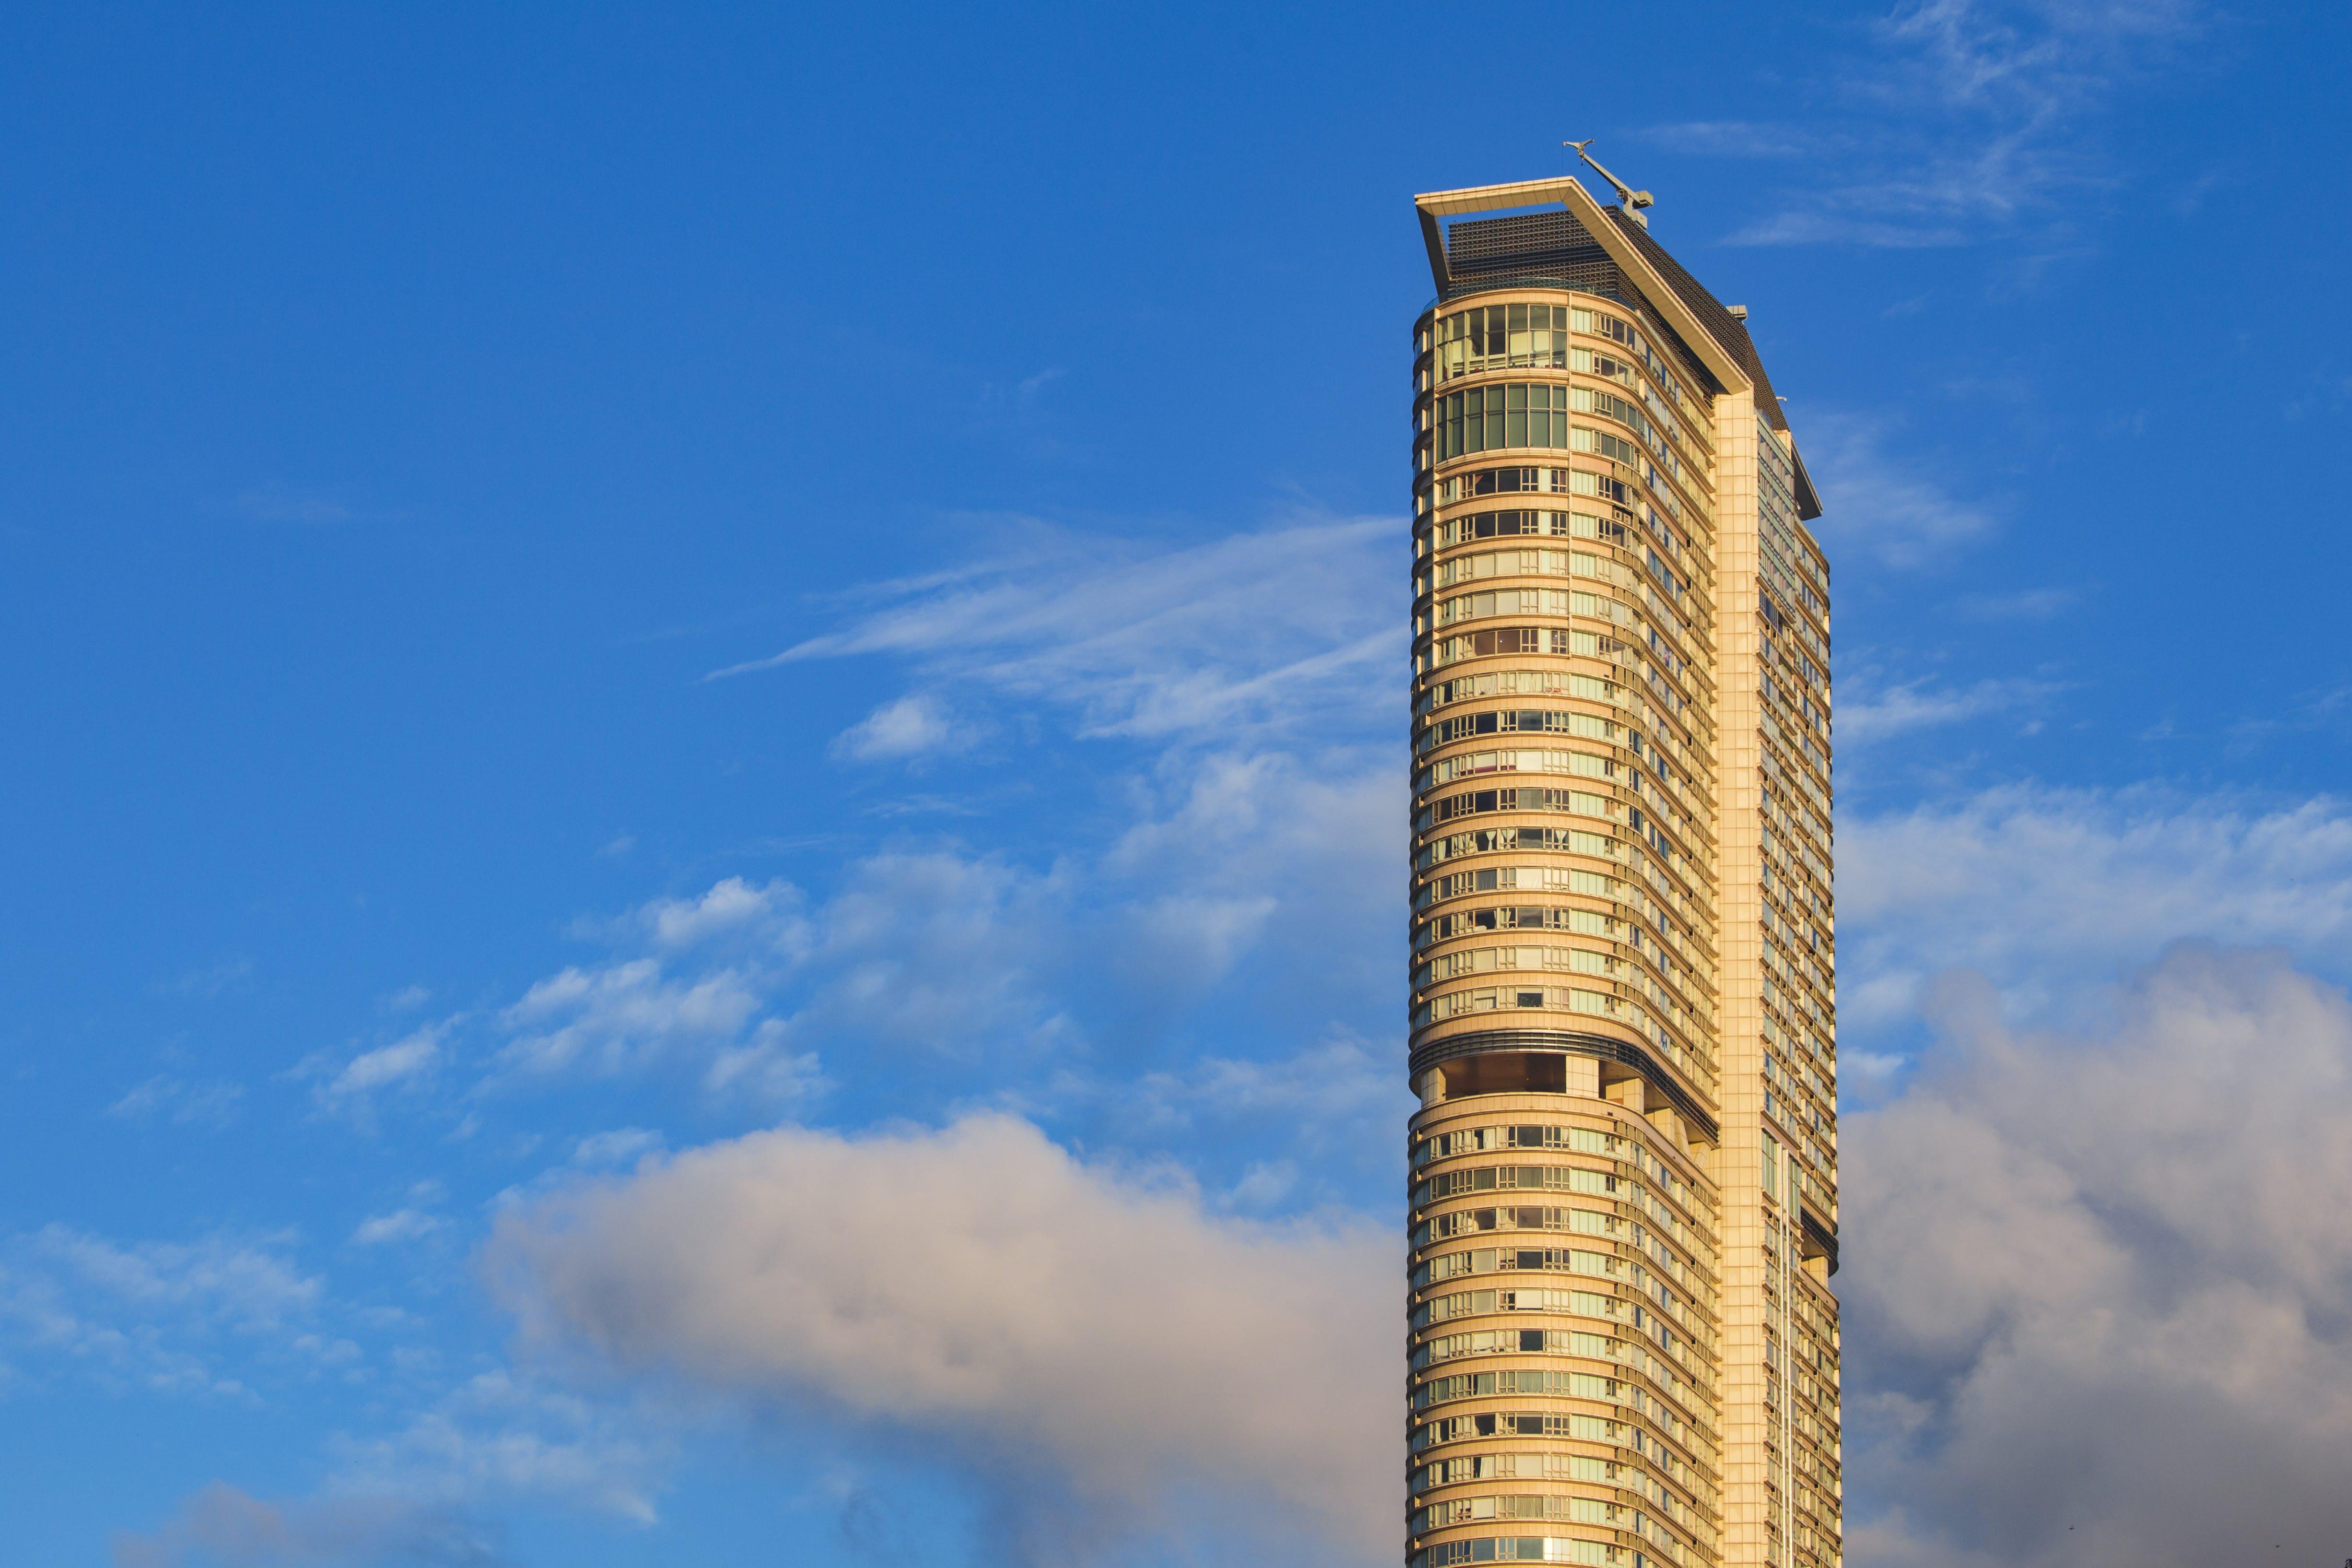 건축, 건축 설계, 고층, 고층 건물의 무료 스톡 사진